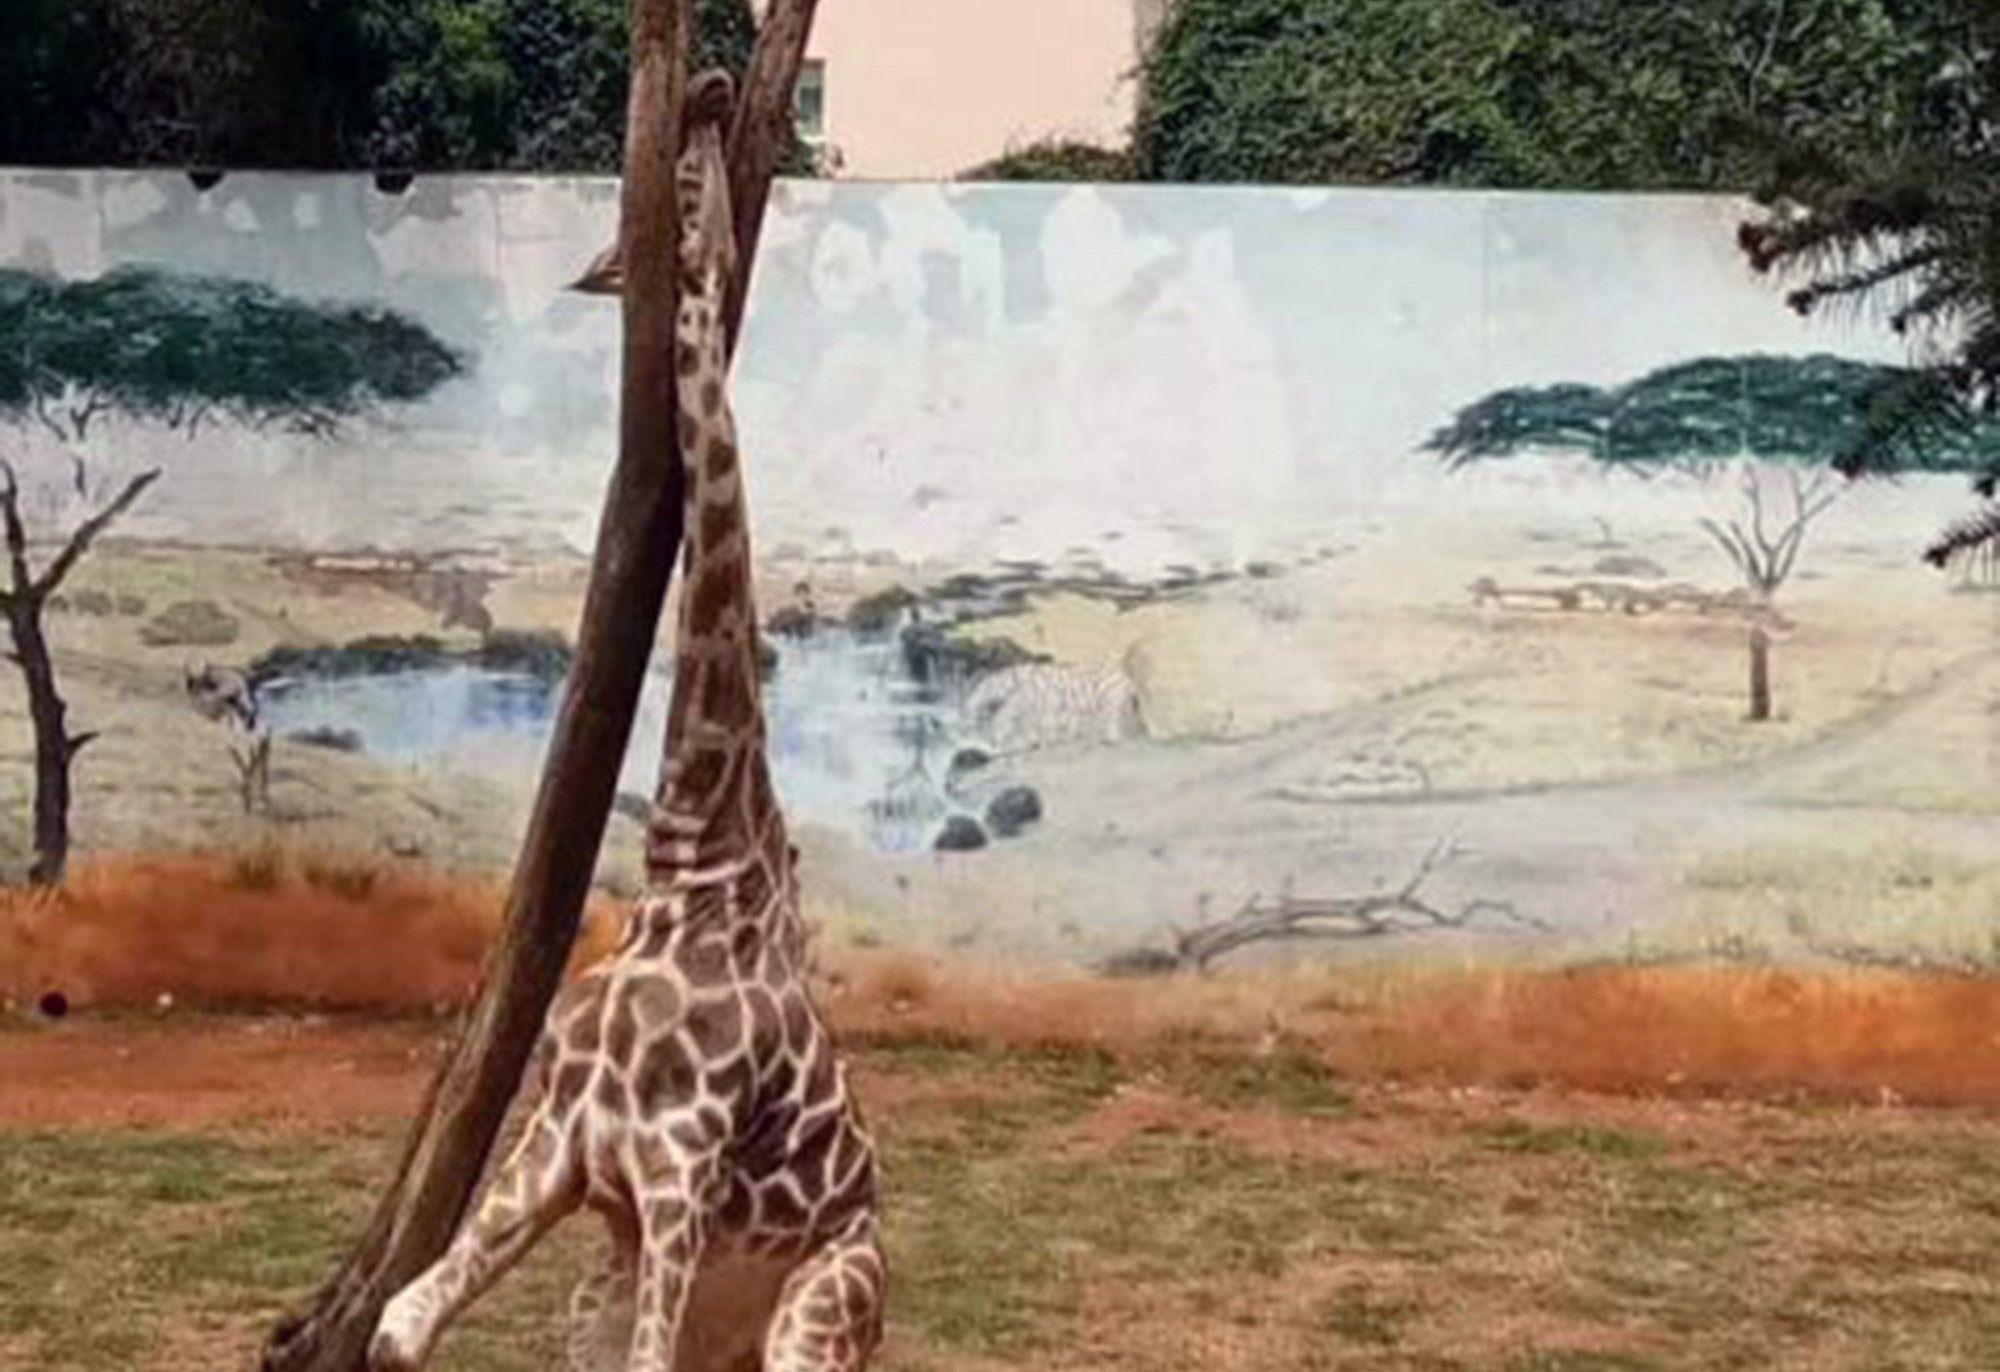 Giraffa muore con la testa incastrata tra gli alberi